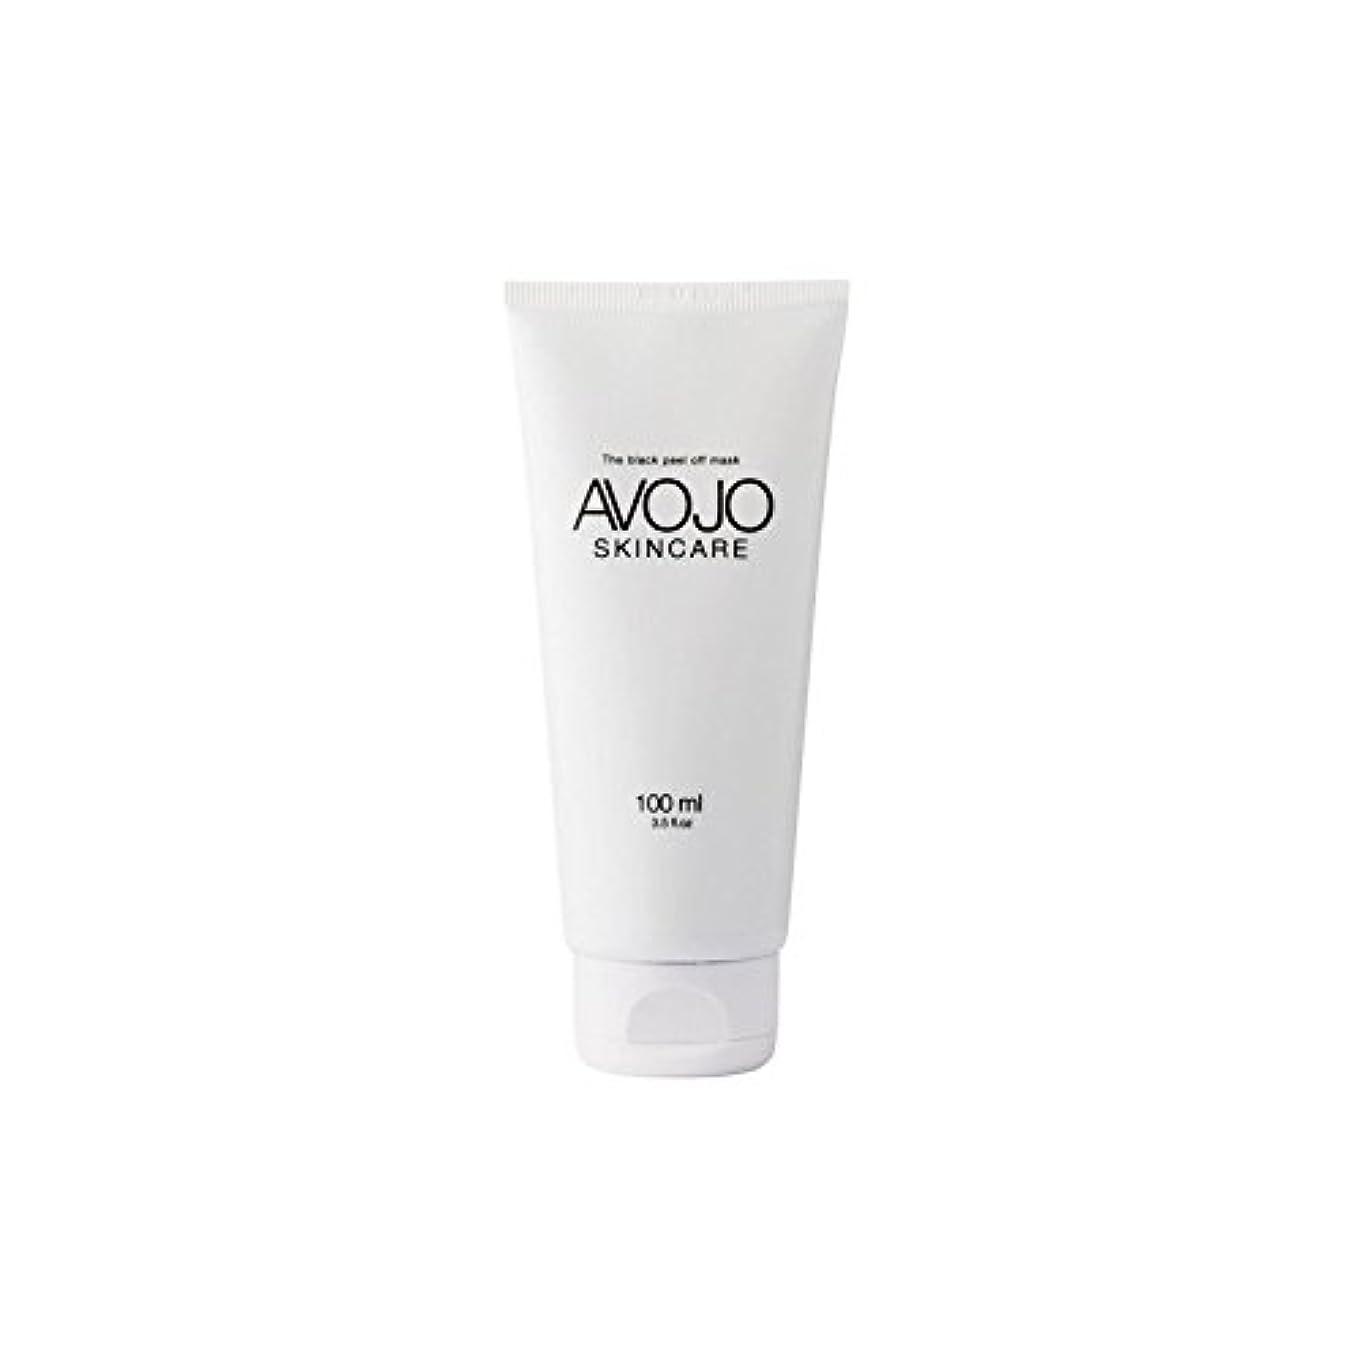 複数消化学部- 黒皮オフマスク - (ボトル100ミリリットル) x2 - Avojo - The Black Peel Off Mask - (Bottle 100ml) (Pack of 2) [並行輸入品]